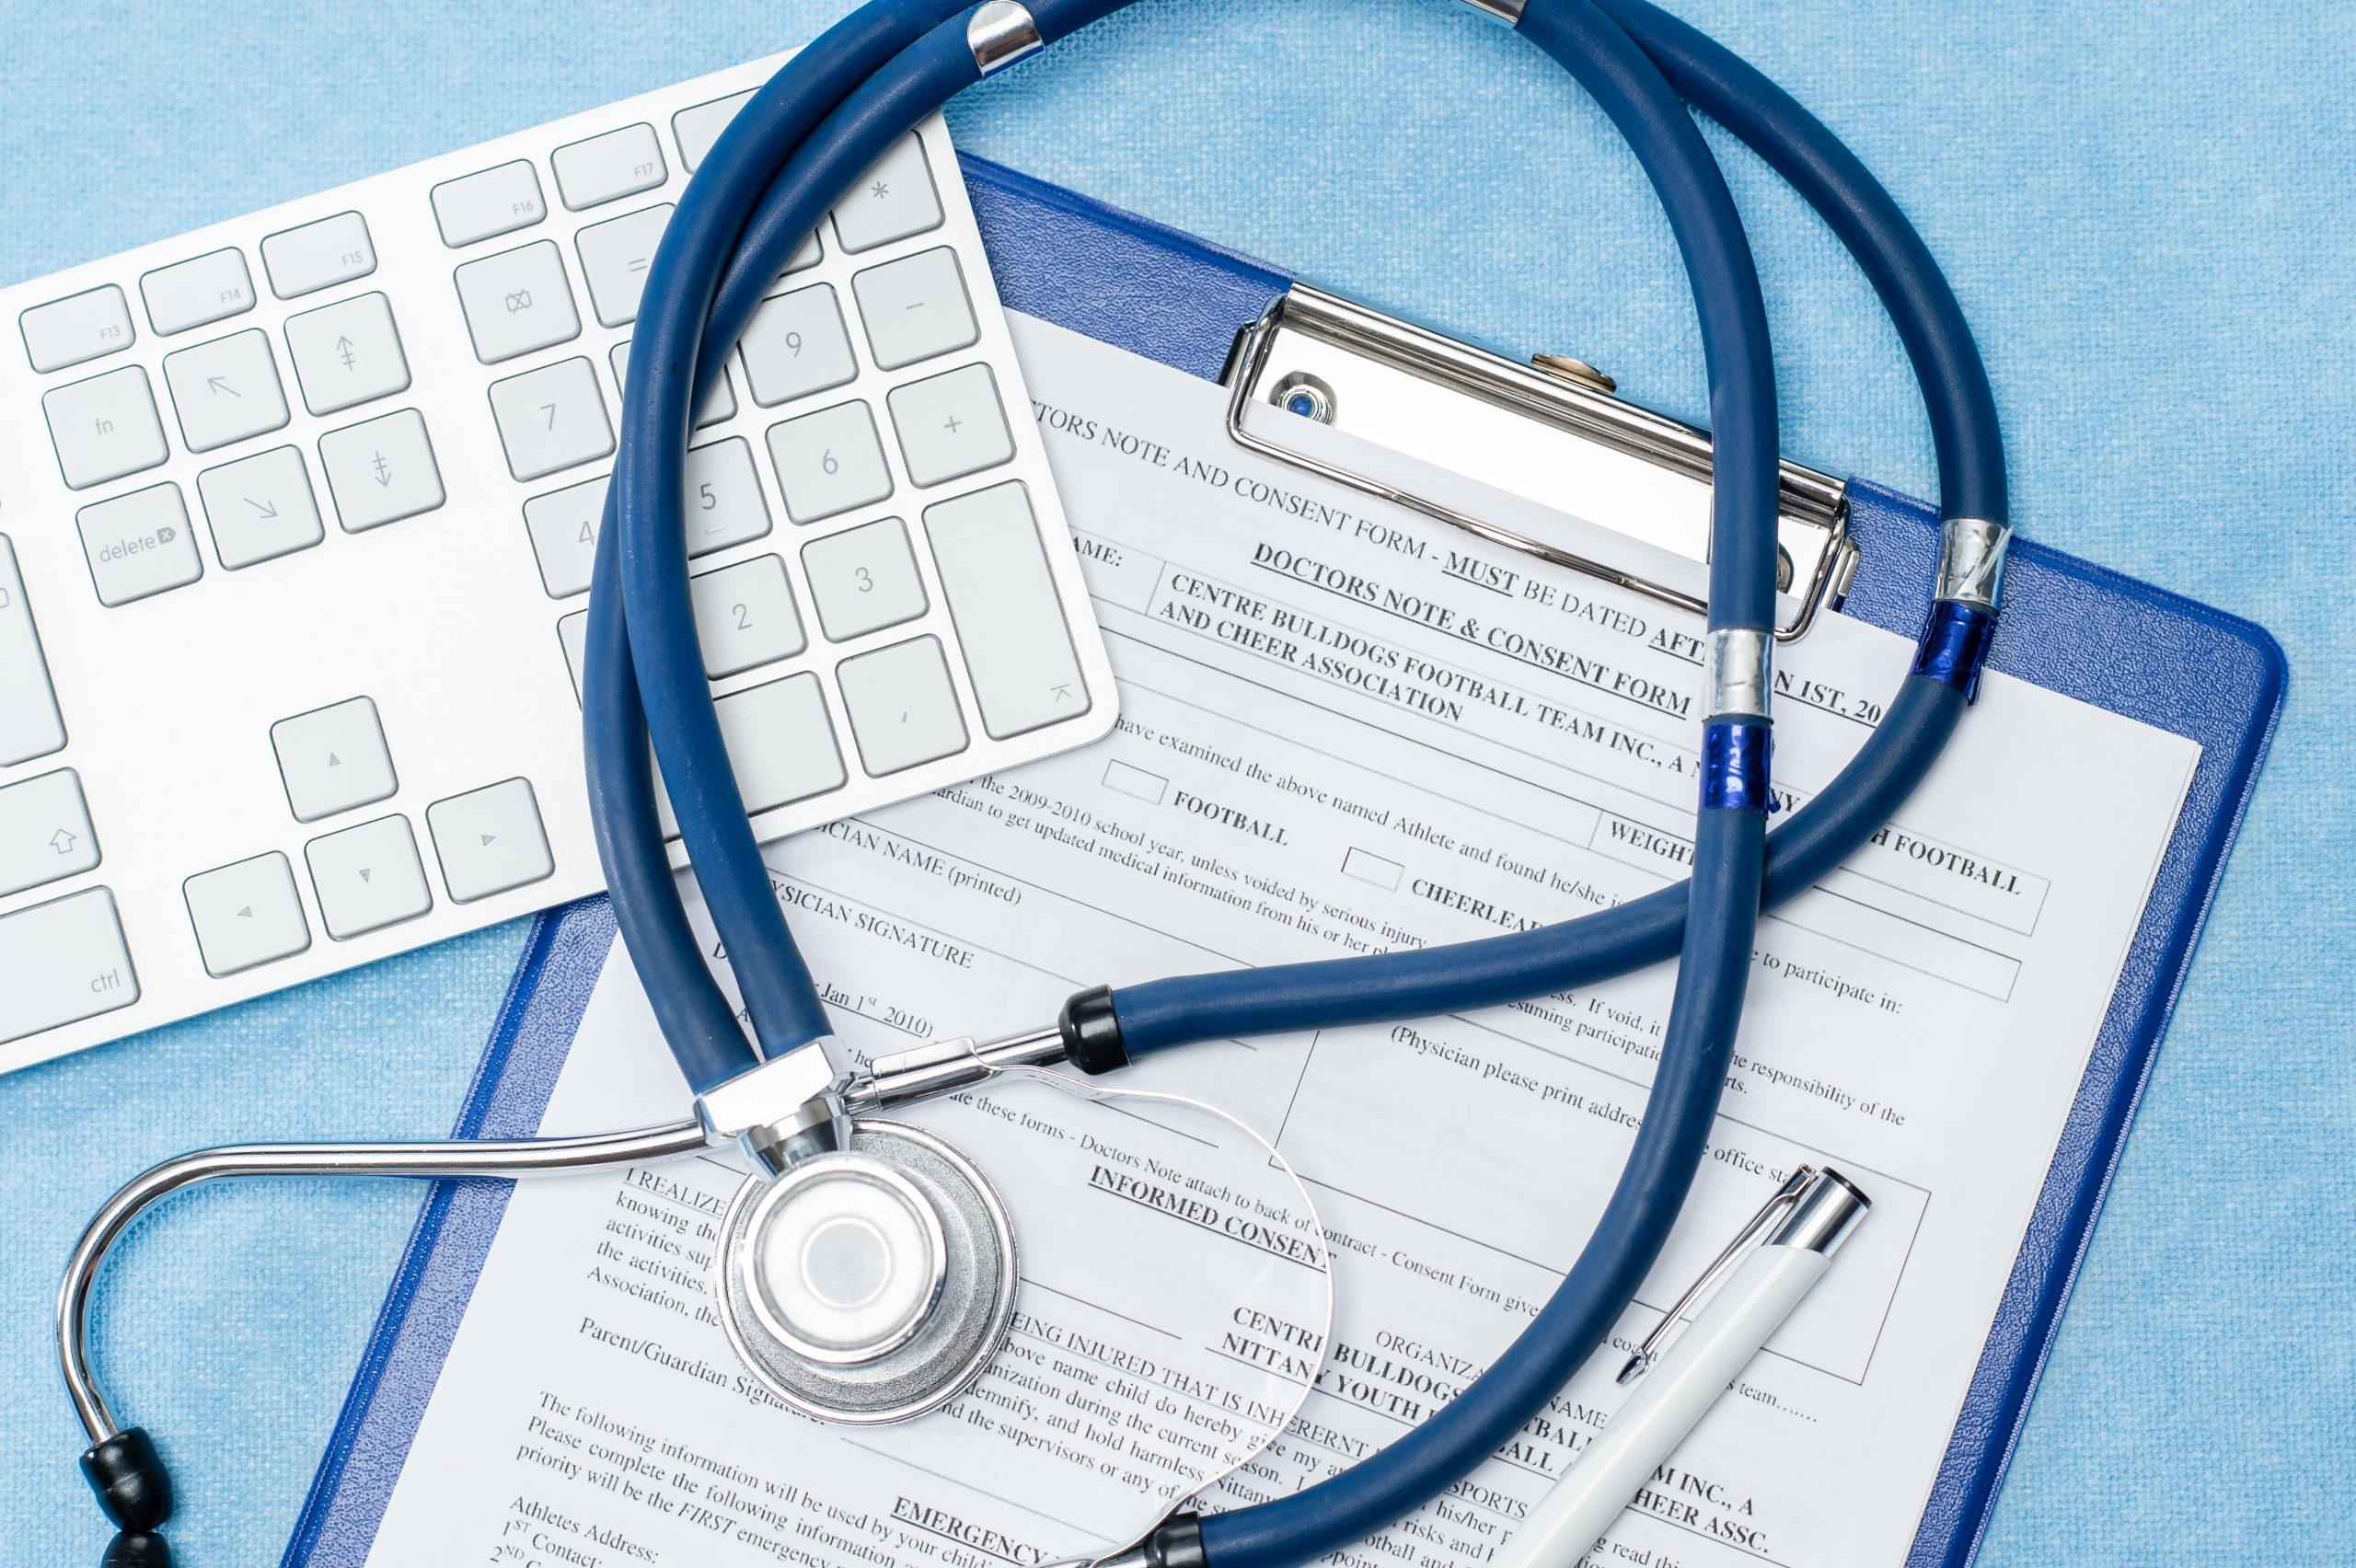 pain management medical billing